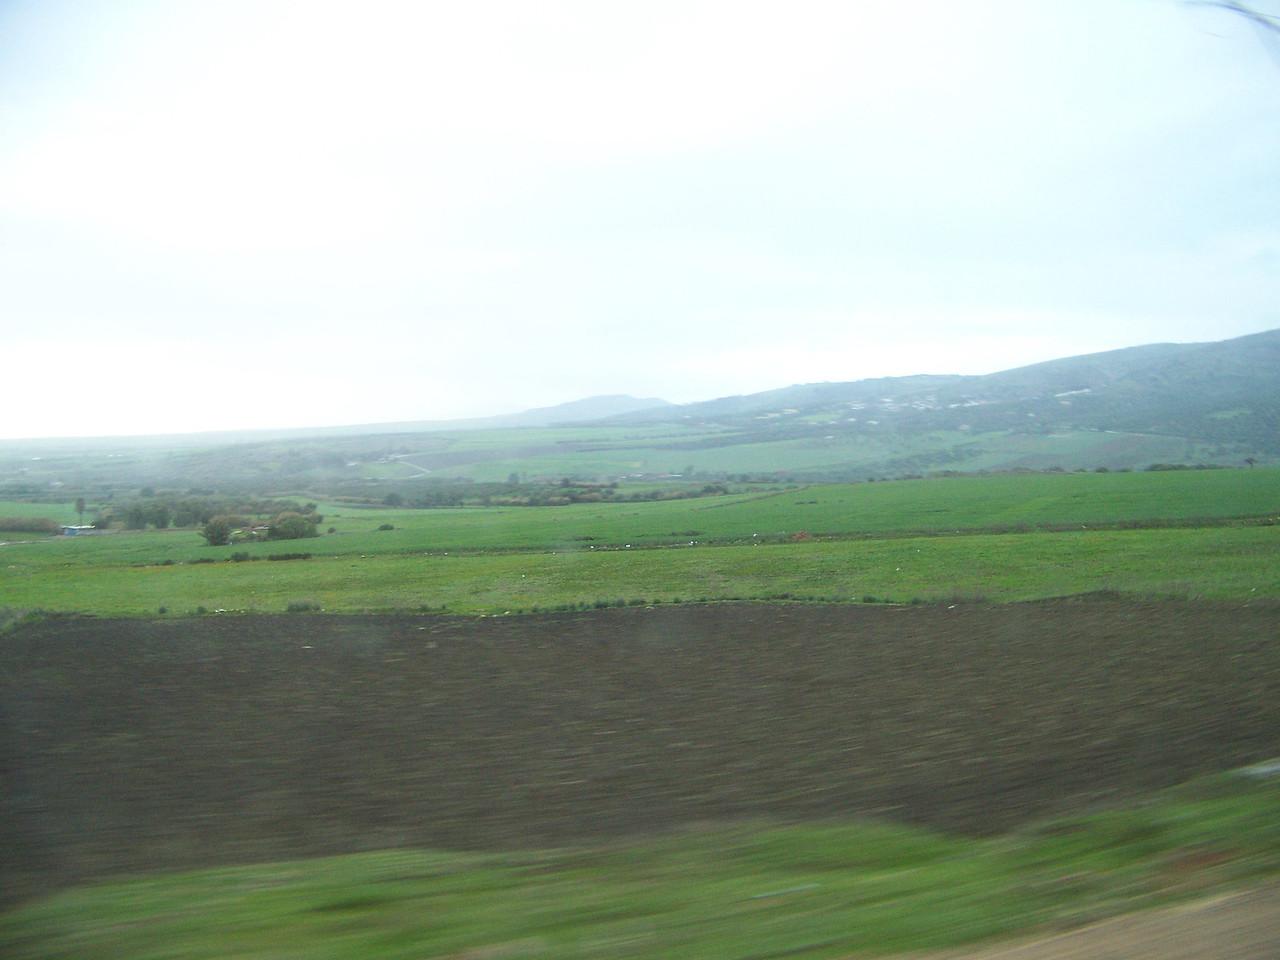 0047 - Countryside on Hwy N13 Between Meknes and Volubilis - Morocco.JPG